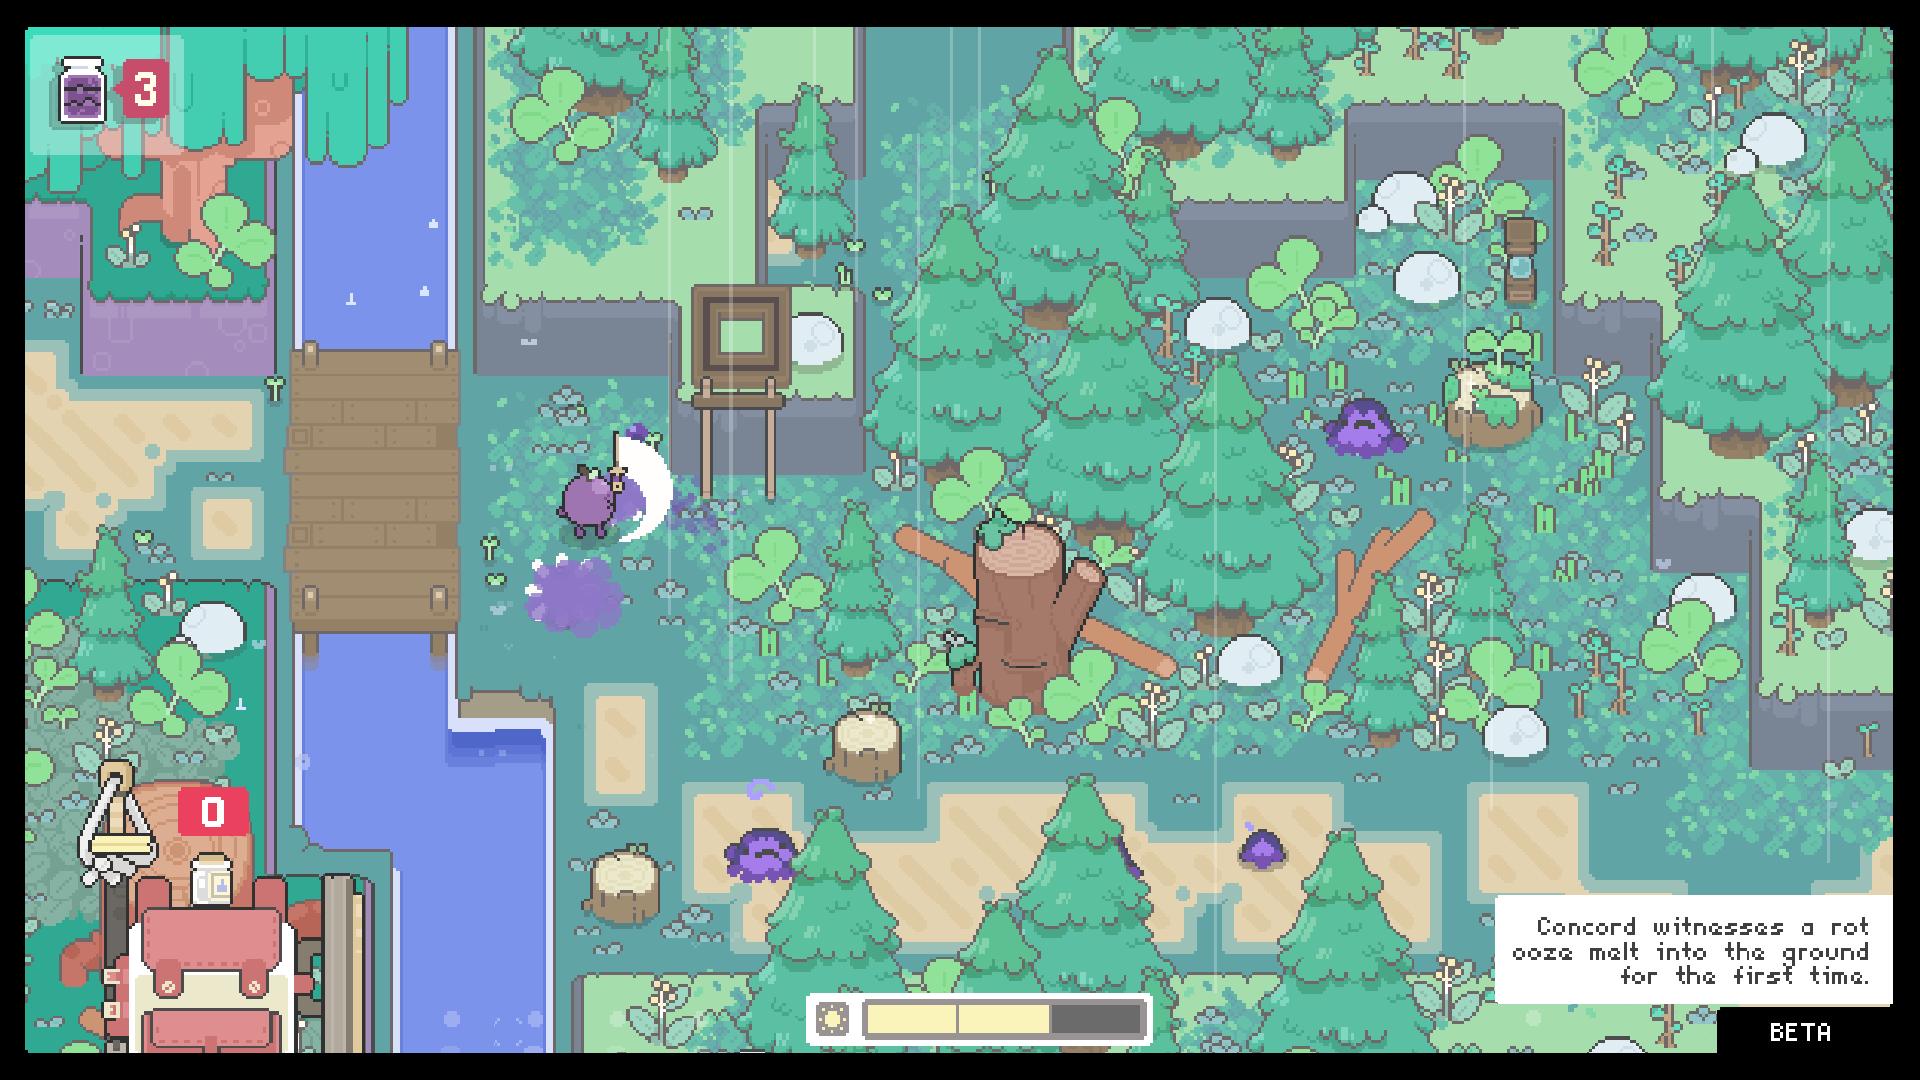 花园故事(Garden Story)插图3